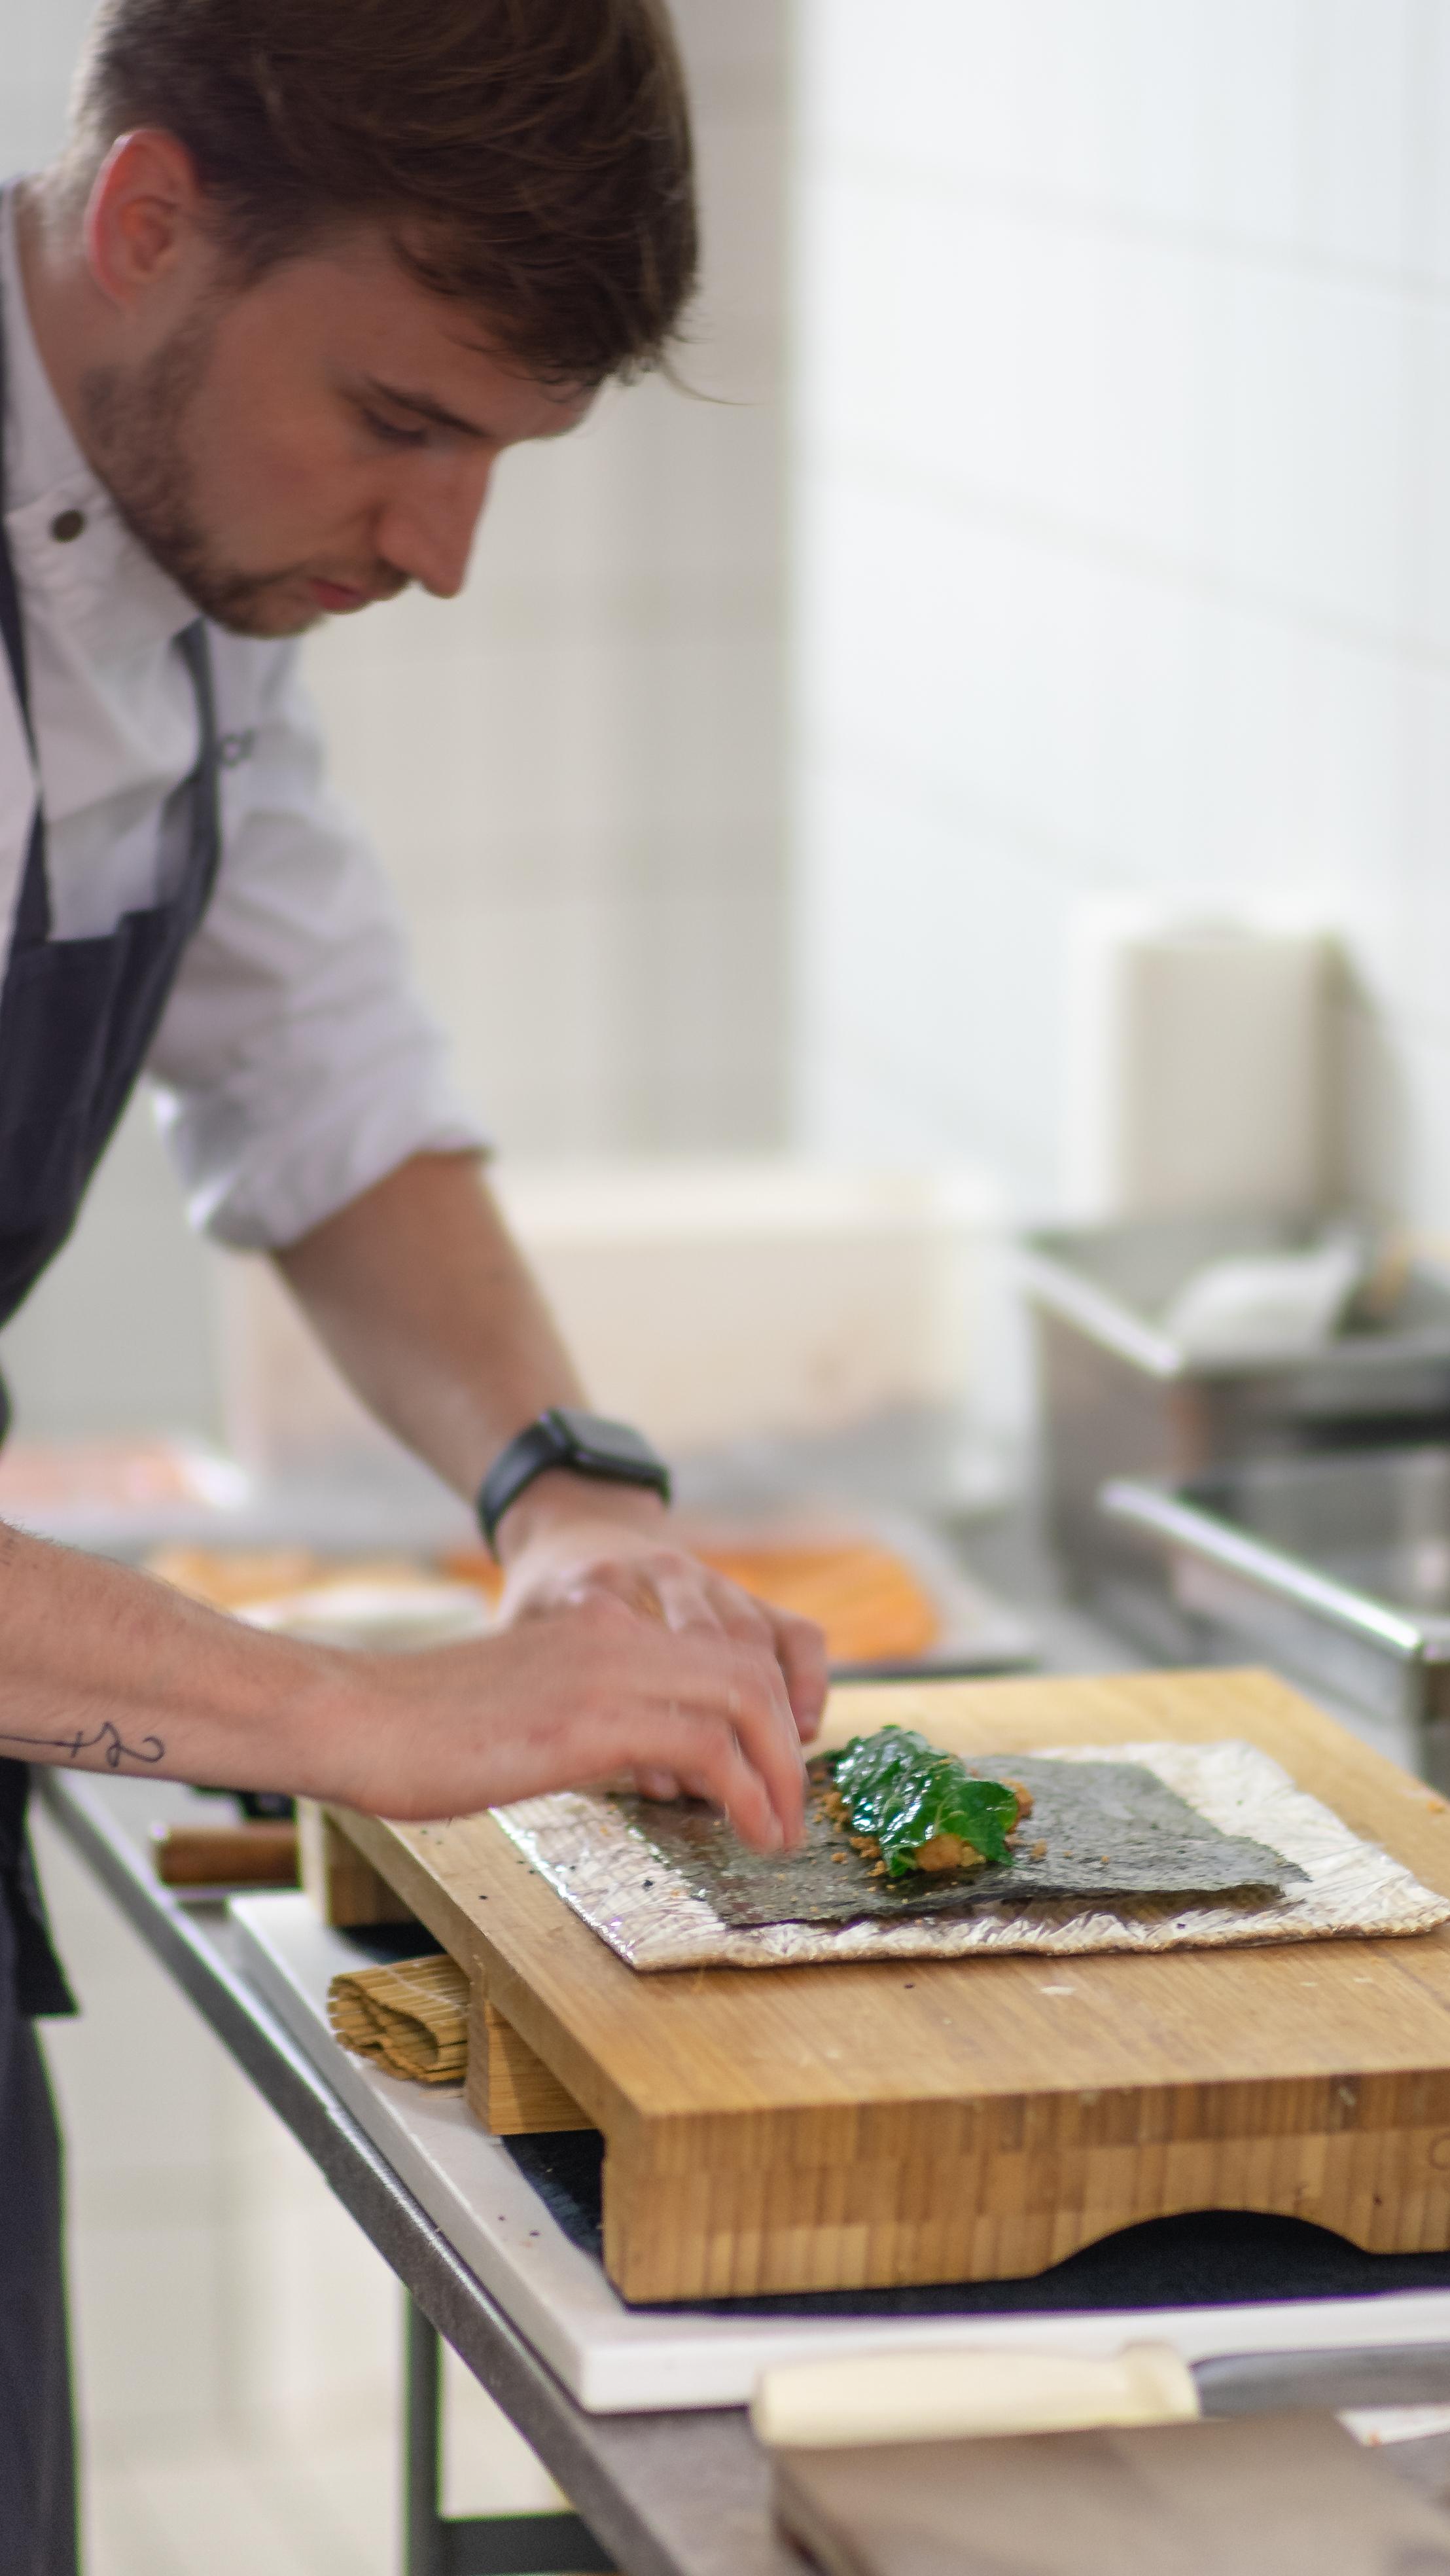 Präzision und Hingabe bei der Zubereitung © Thomas Lahnsteiner